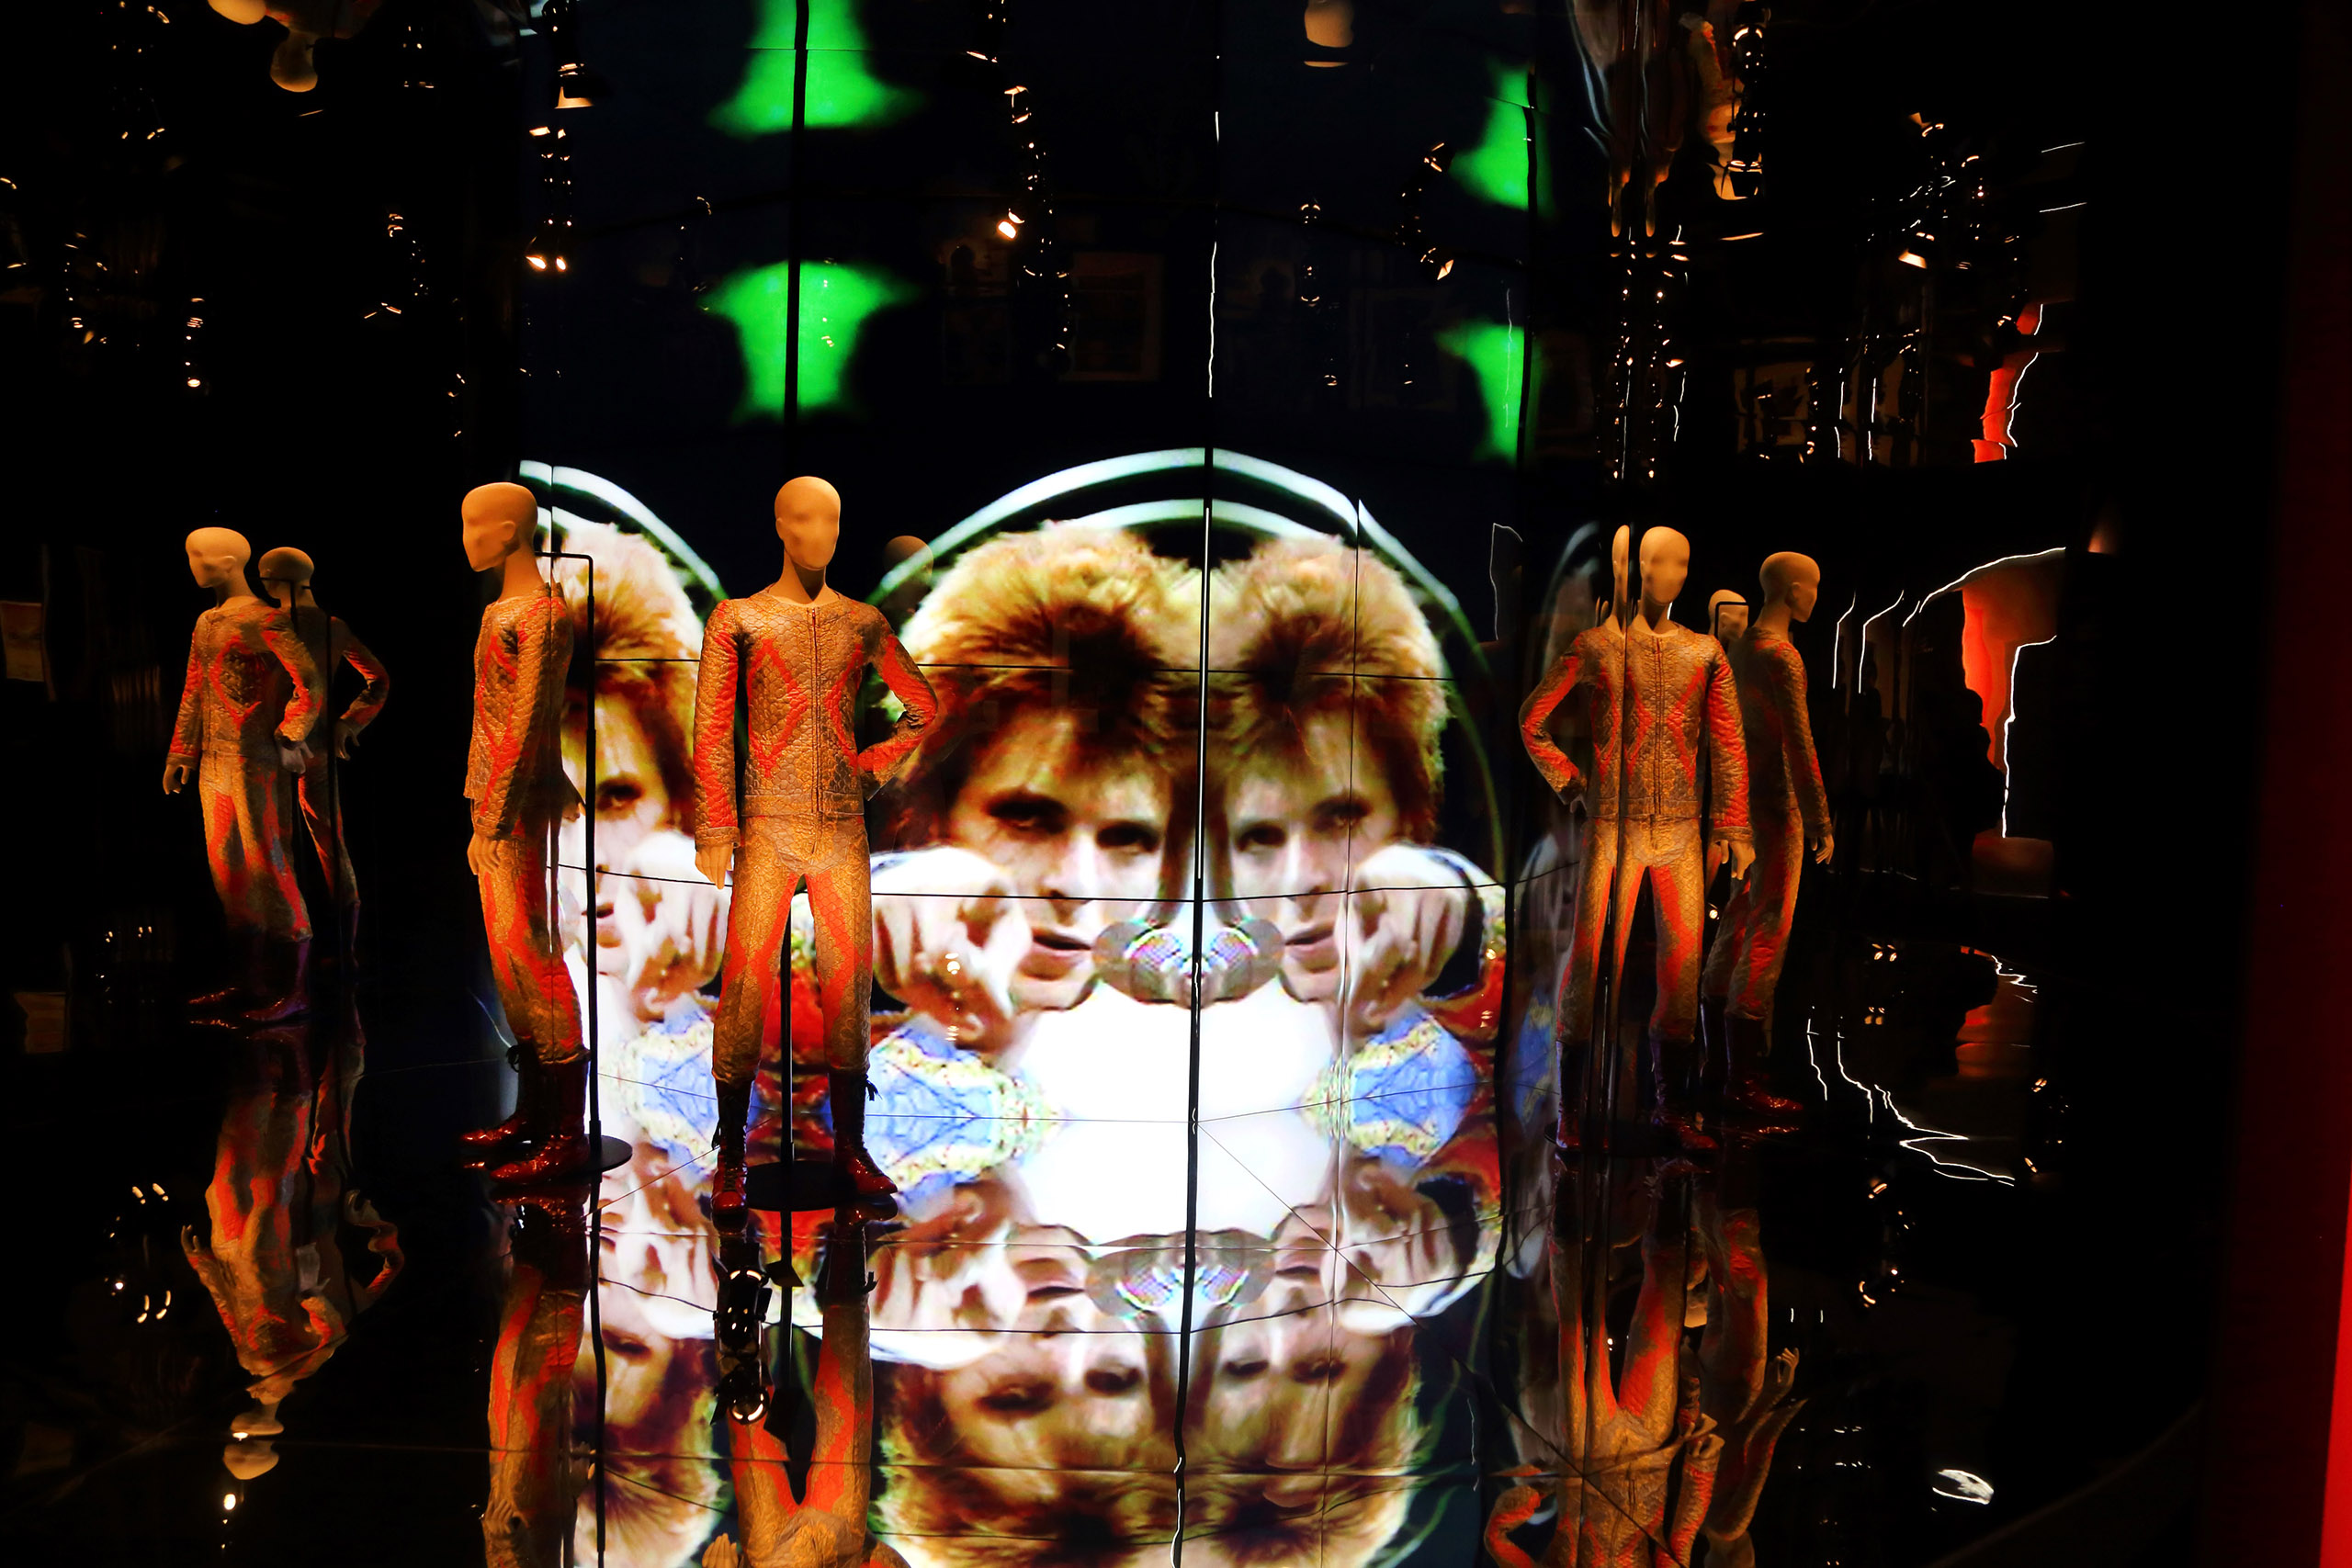 『スターマン』の衣装と、「Top Of The Pops」の映像 | © Eikon / G.Perticoni